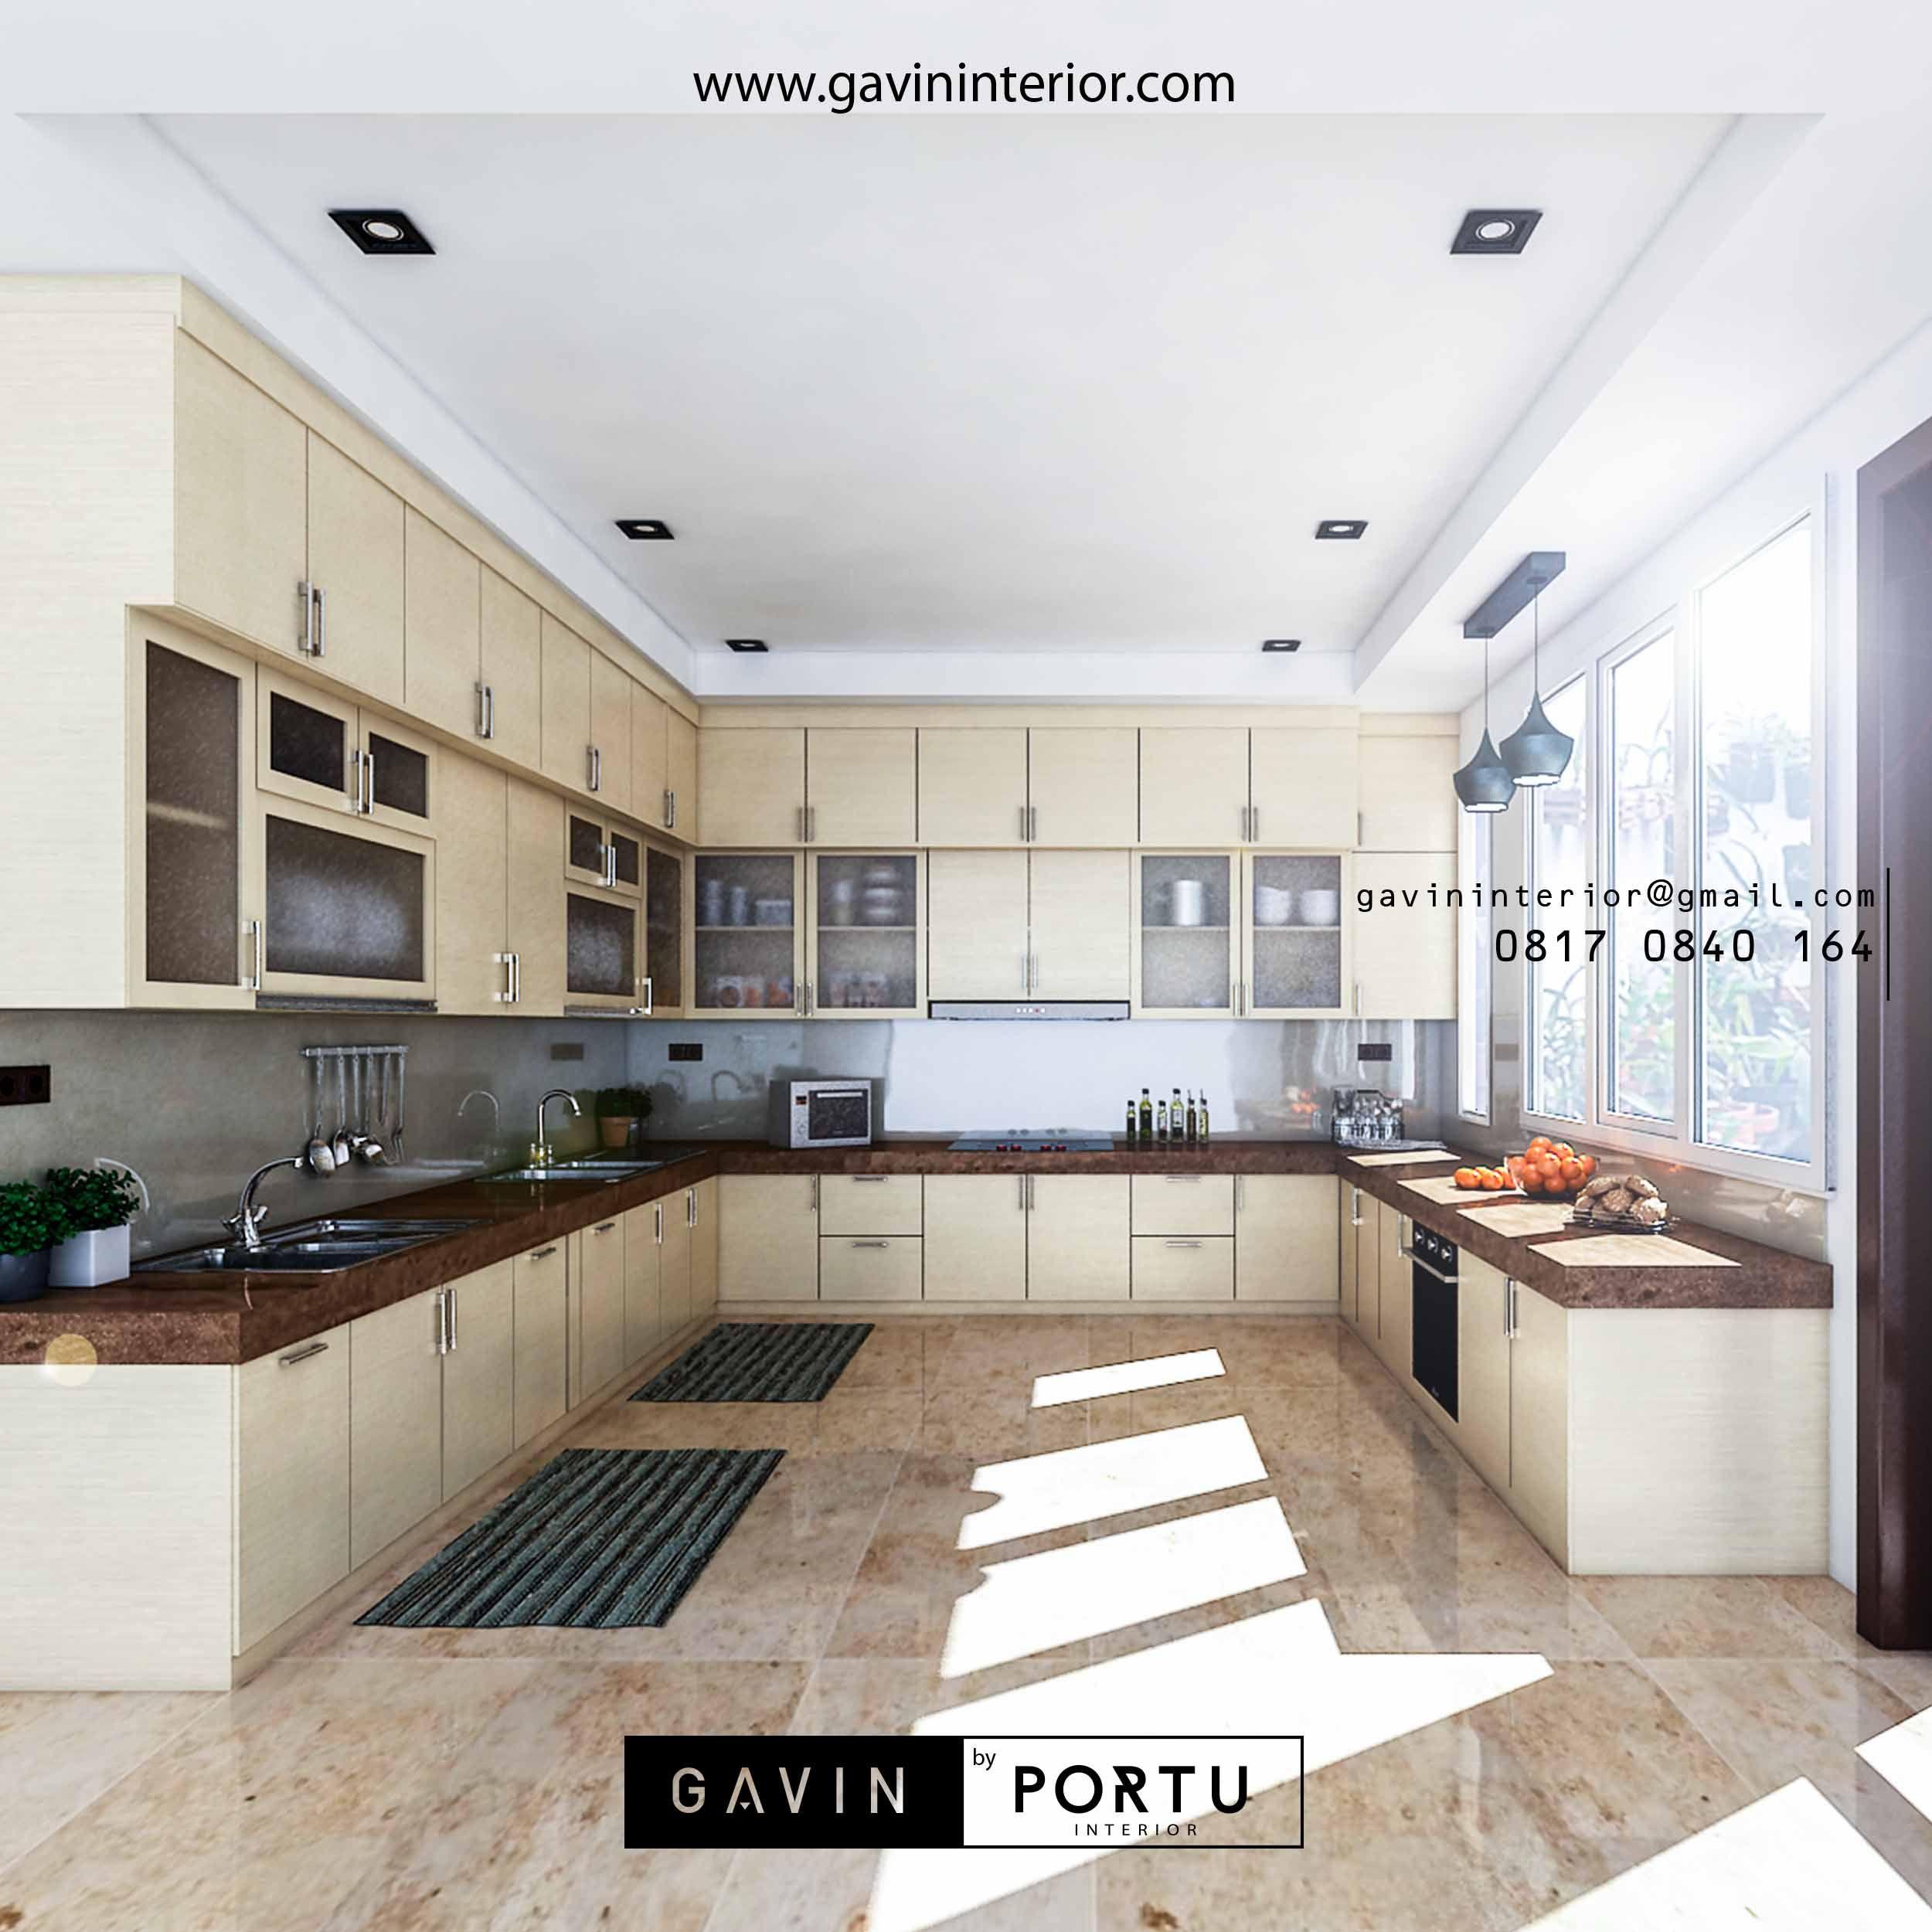 Kitchenset kitchensetminimalis kitchensetjakarta gavininterior interiordesignideas